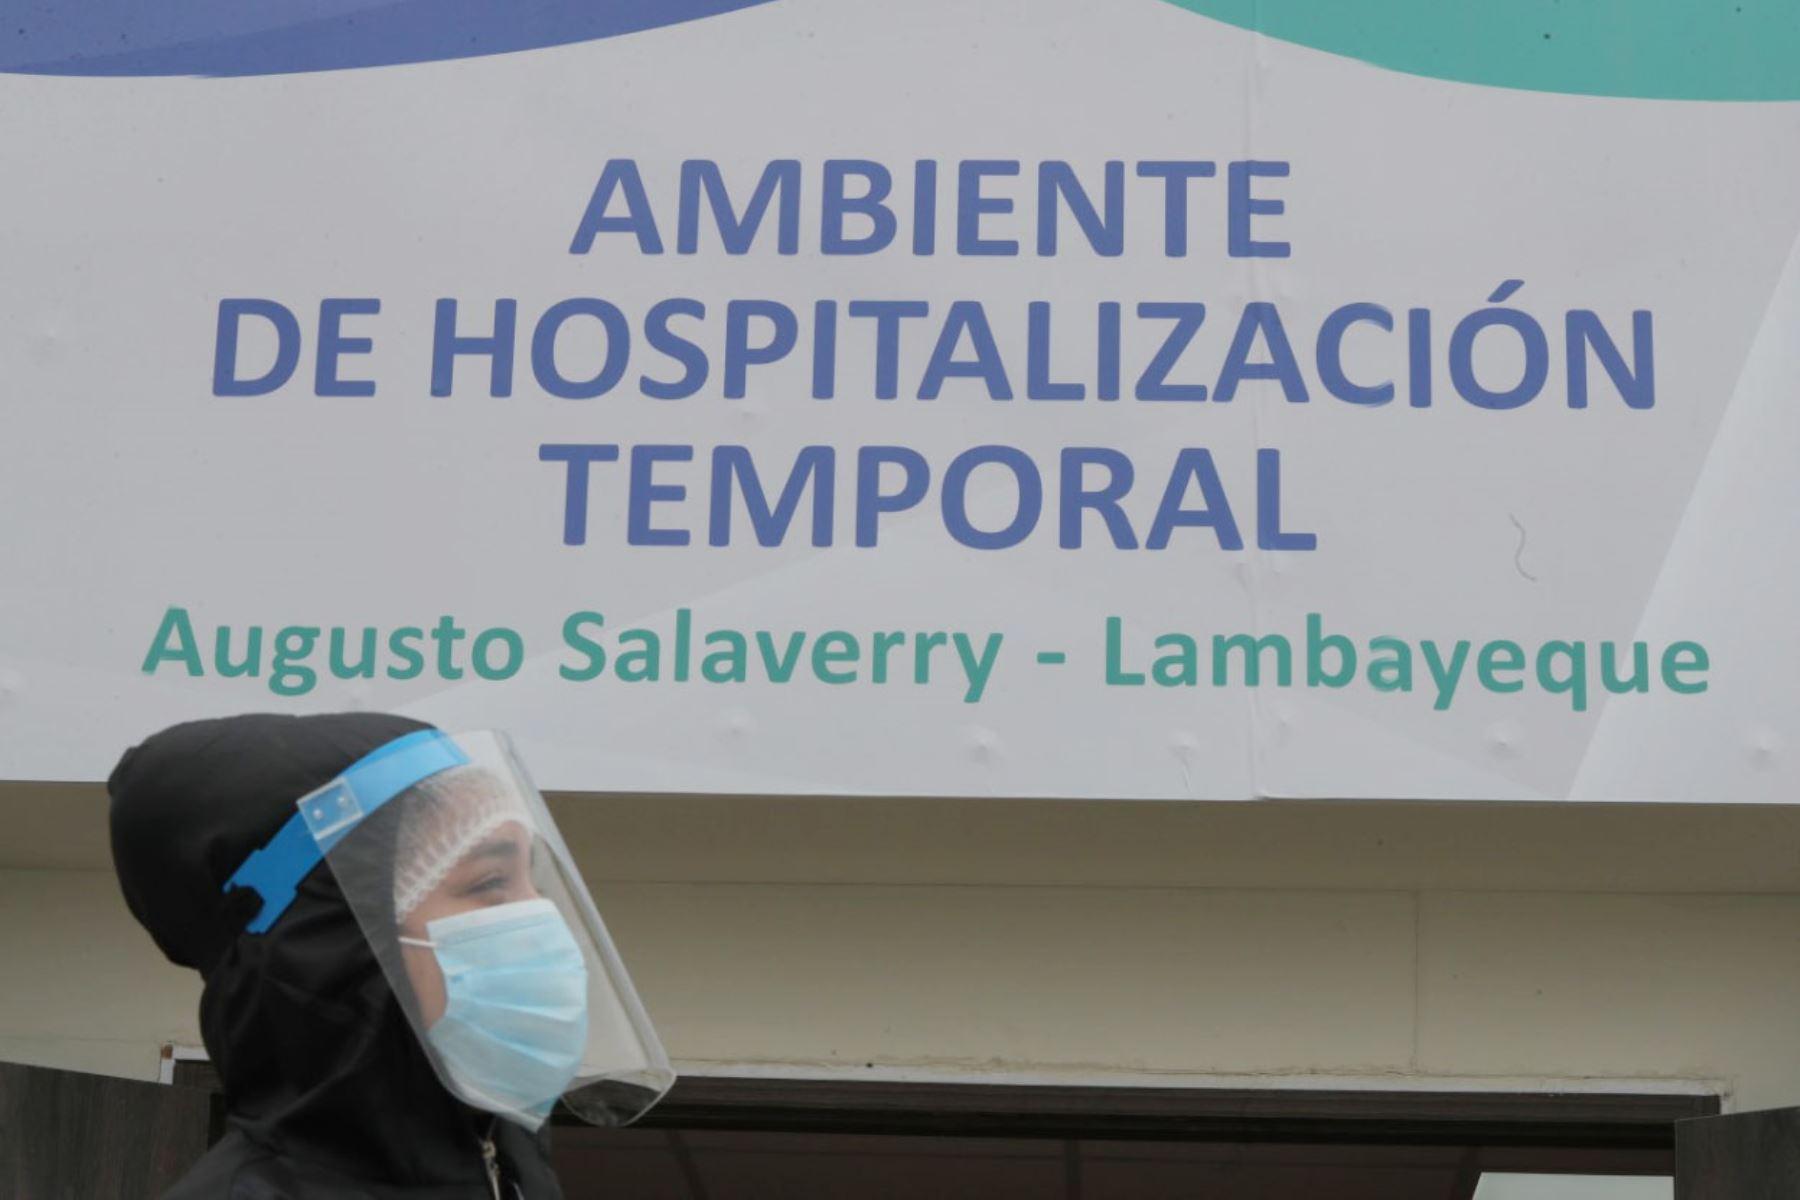 El presidente de la República, Martín Vizcarra, entrega ventiladores mecánicos para pacientes con covid-19 en la región Lambayeque. Foto: ANDINA/ Prensa Presidencia